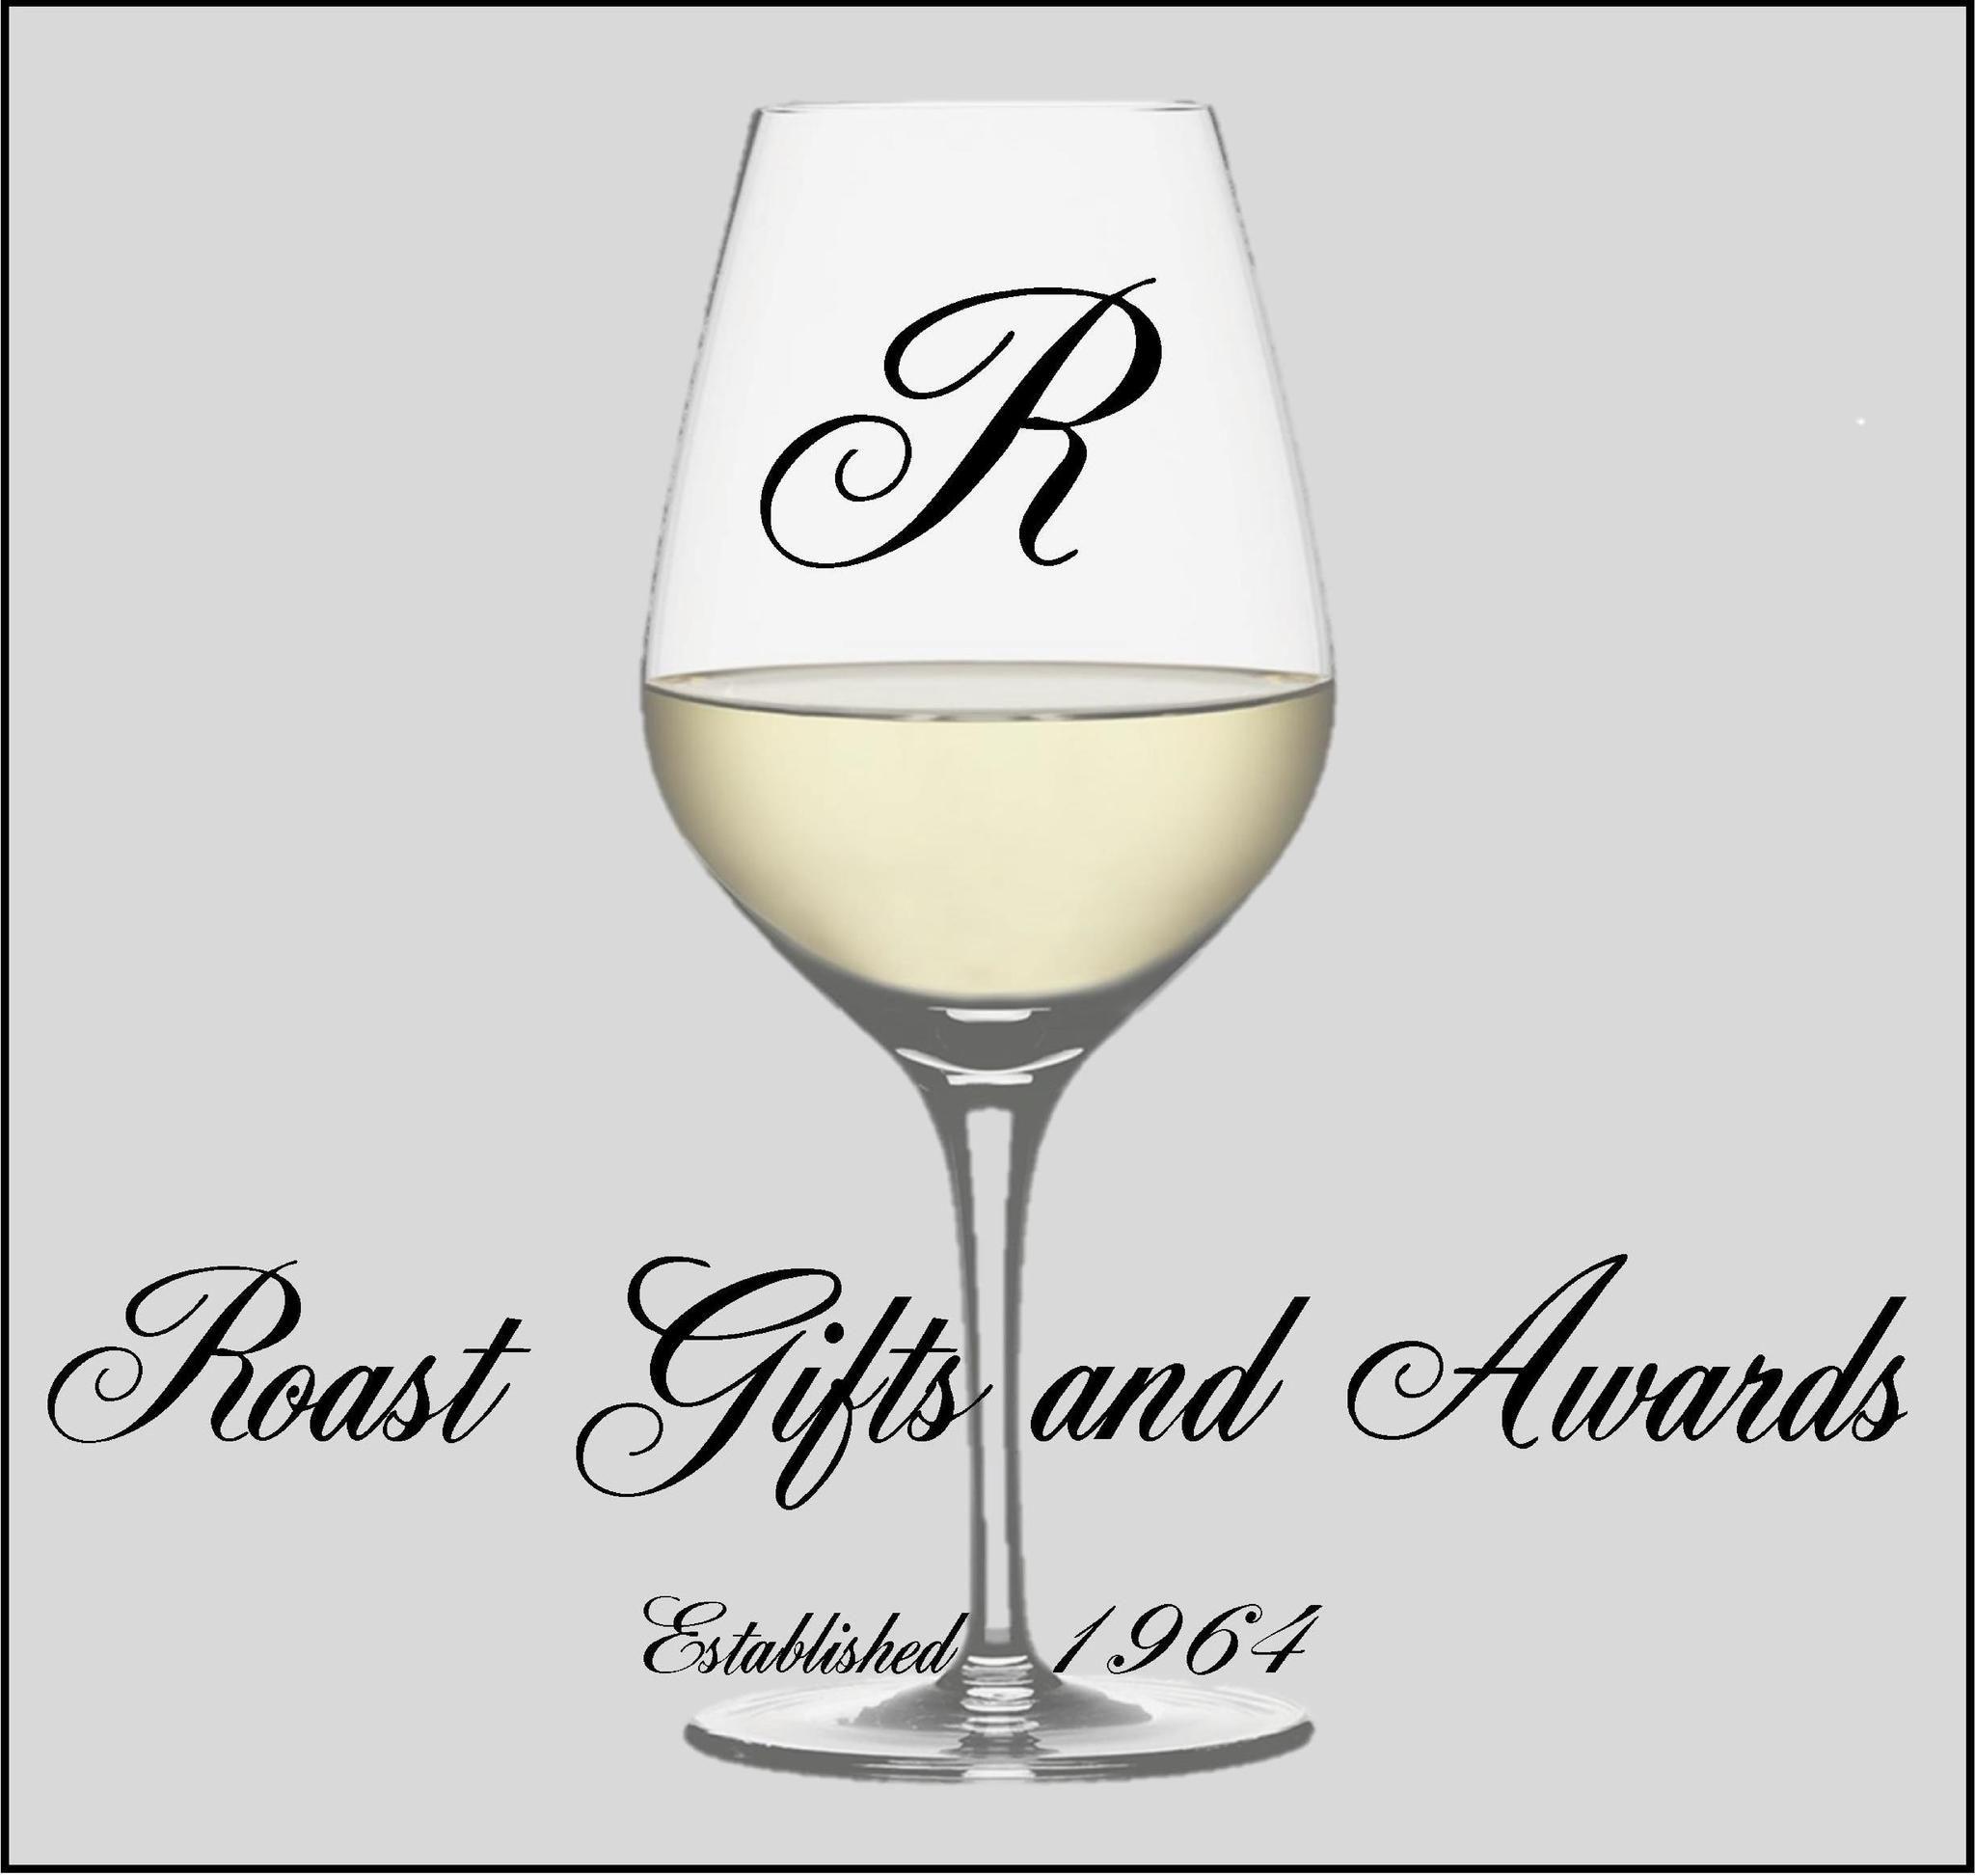 P R Roast